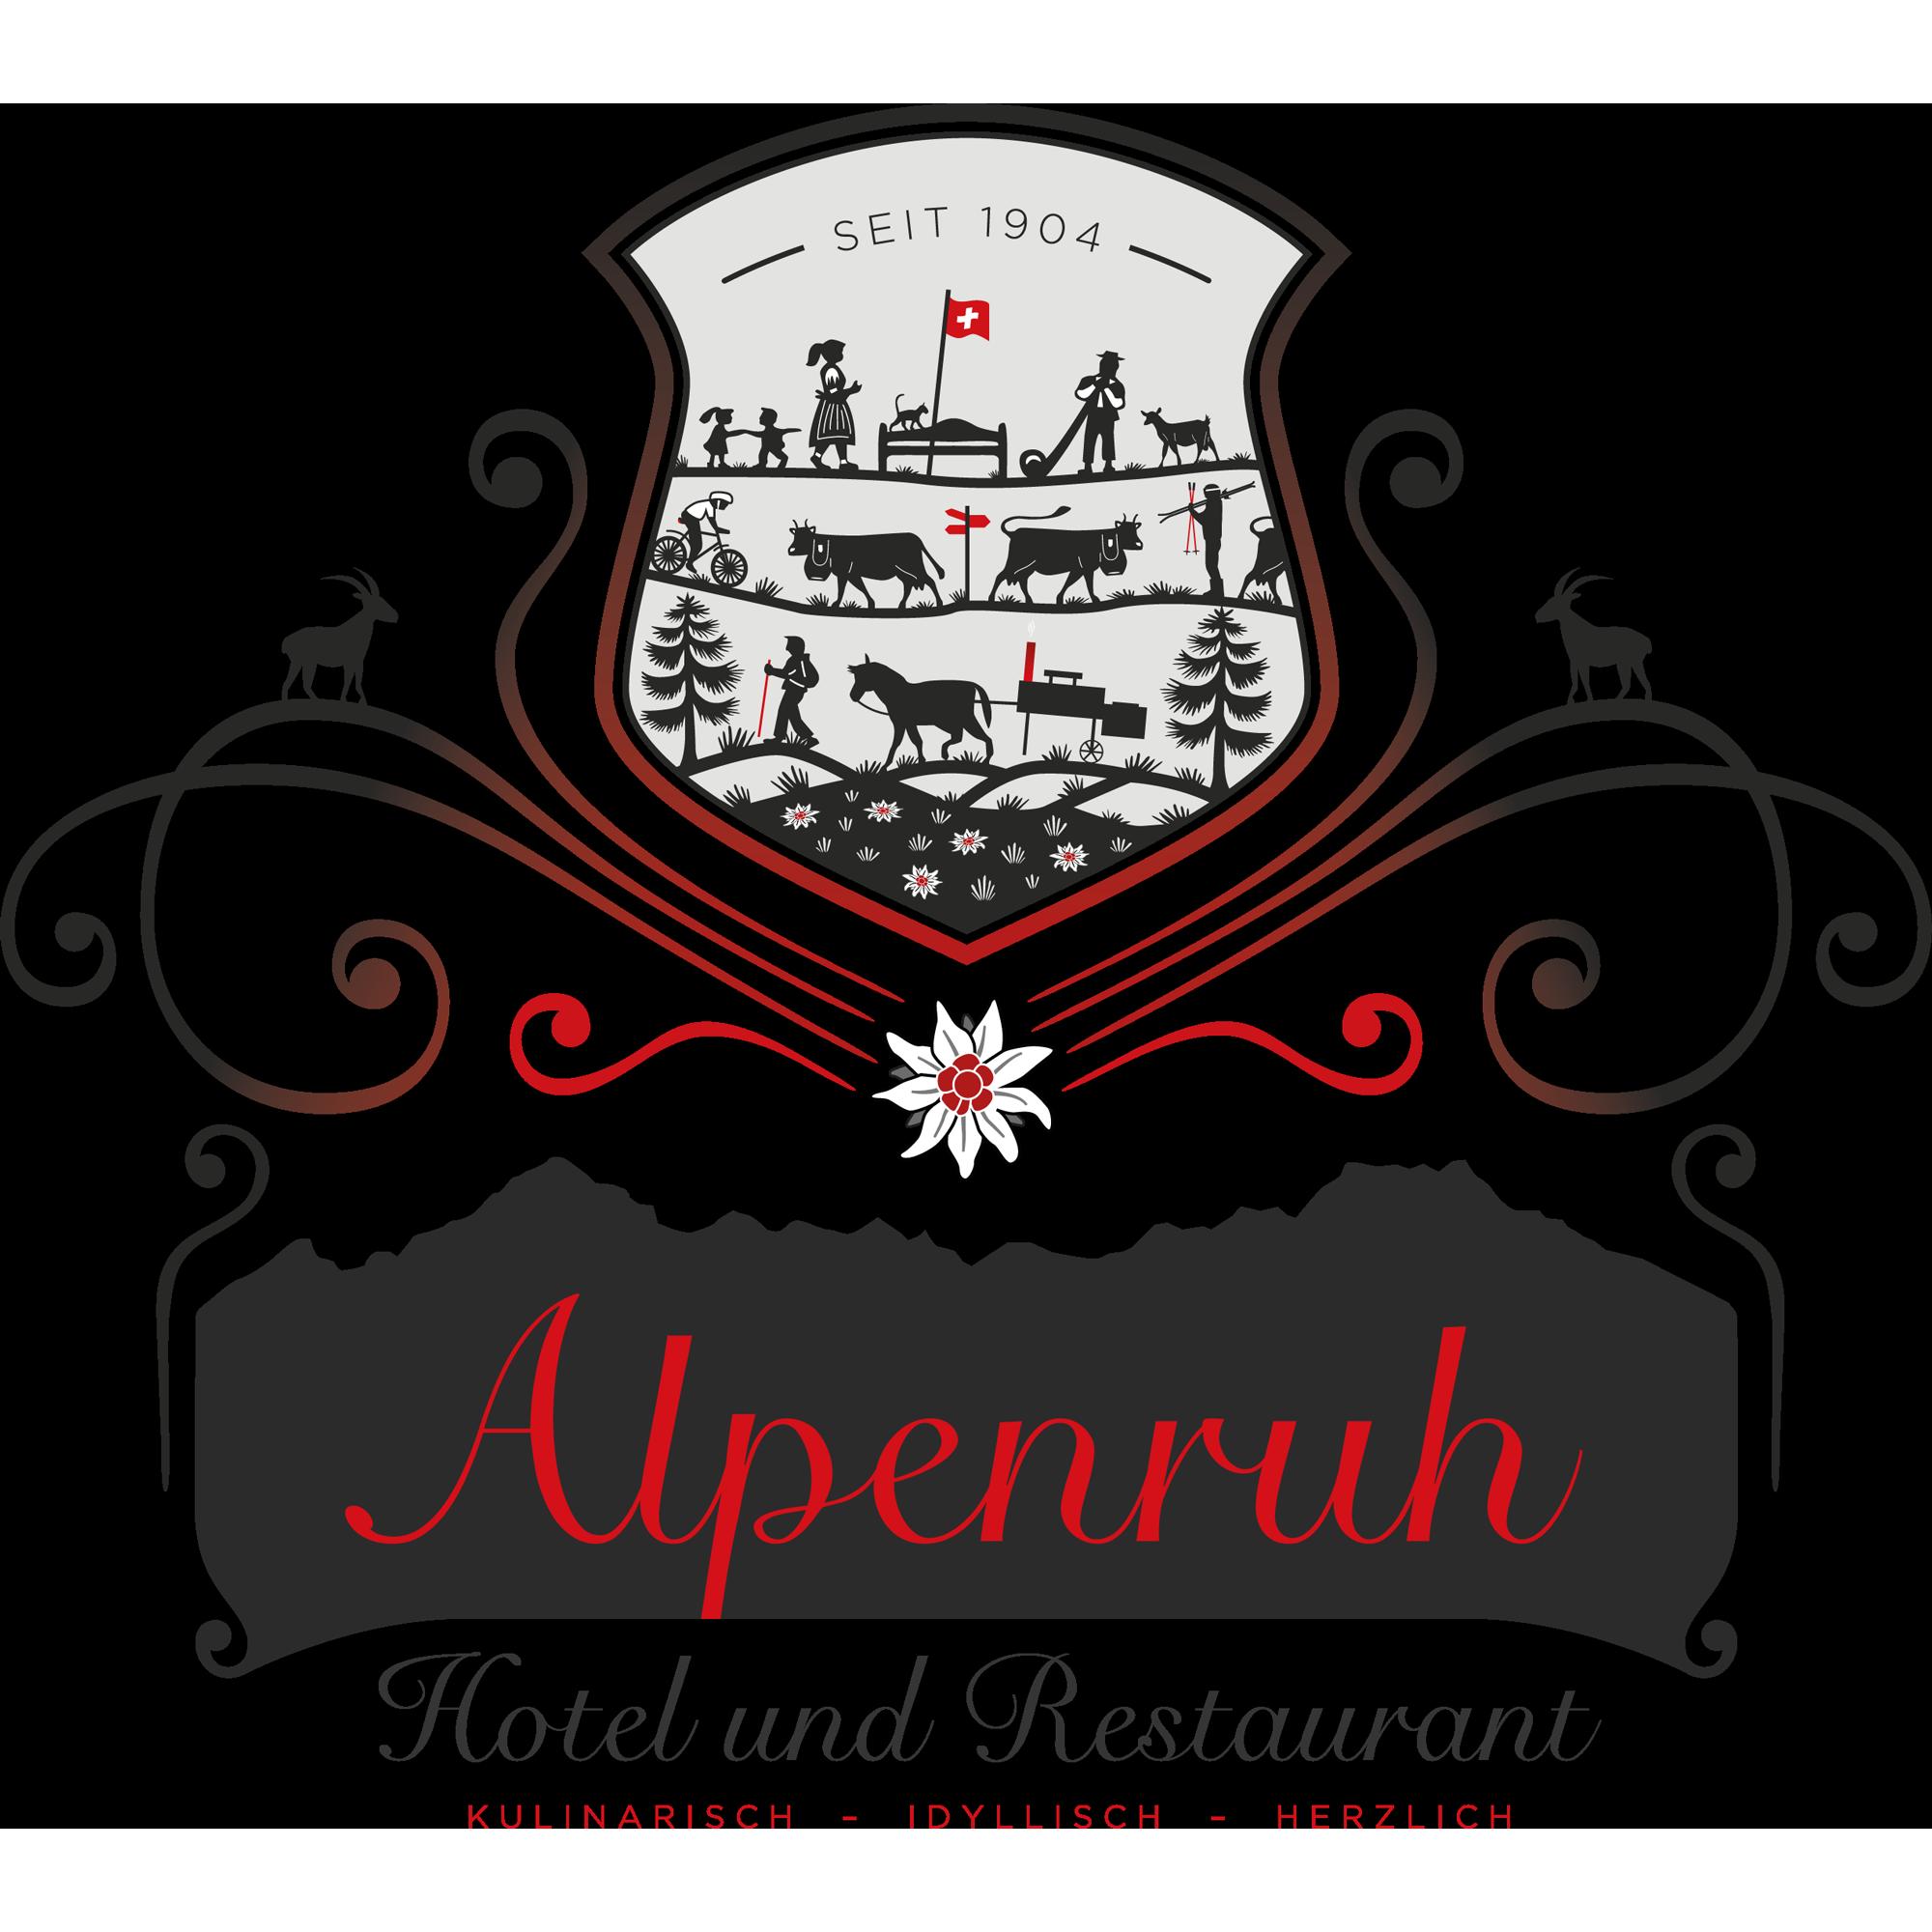 Hotel und Restaurant Alpenruh Kiental GmbH